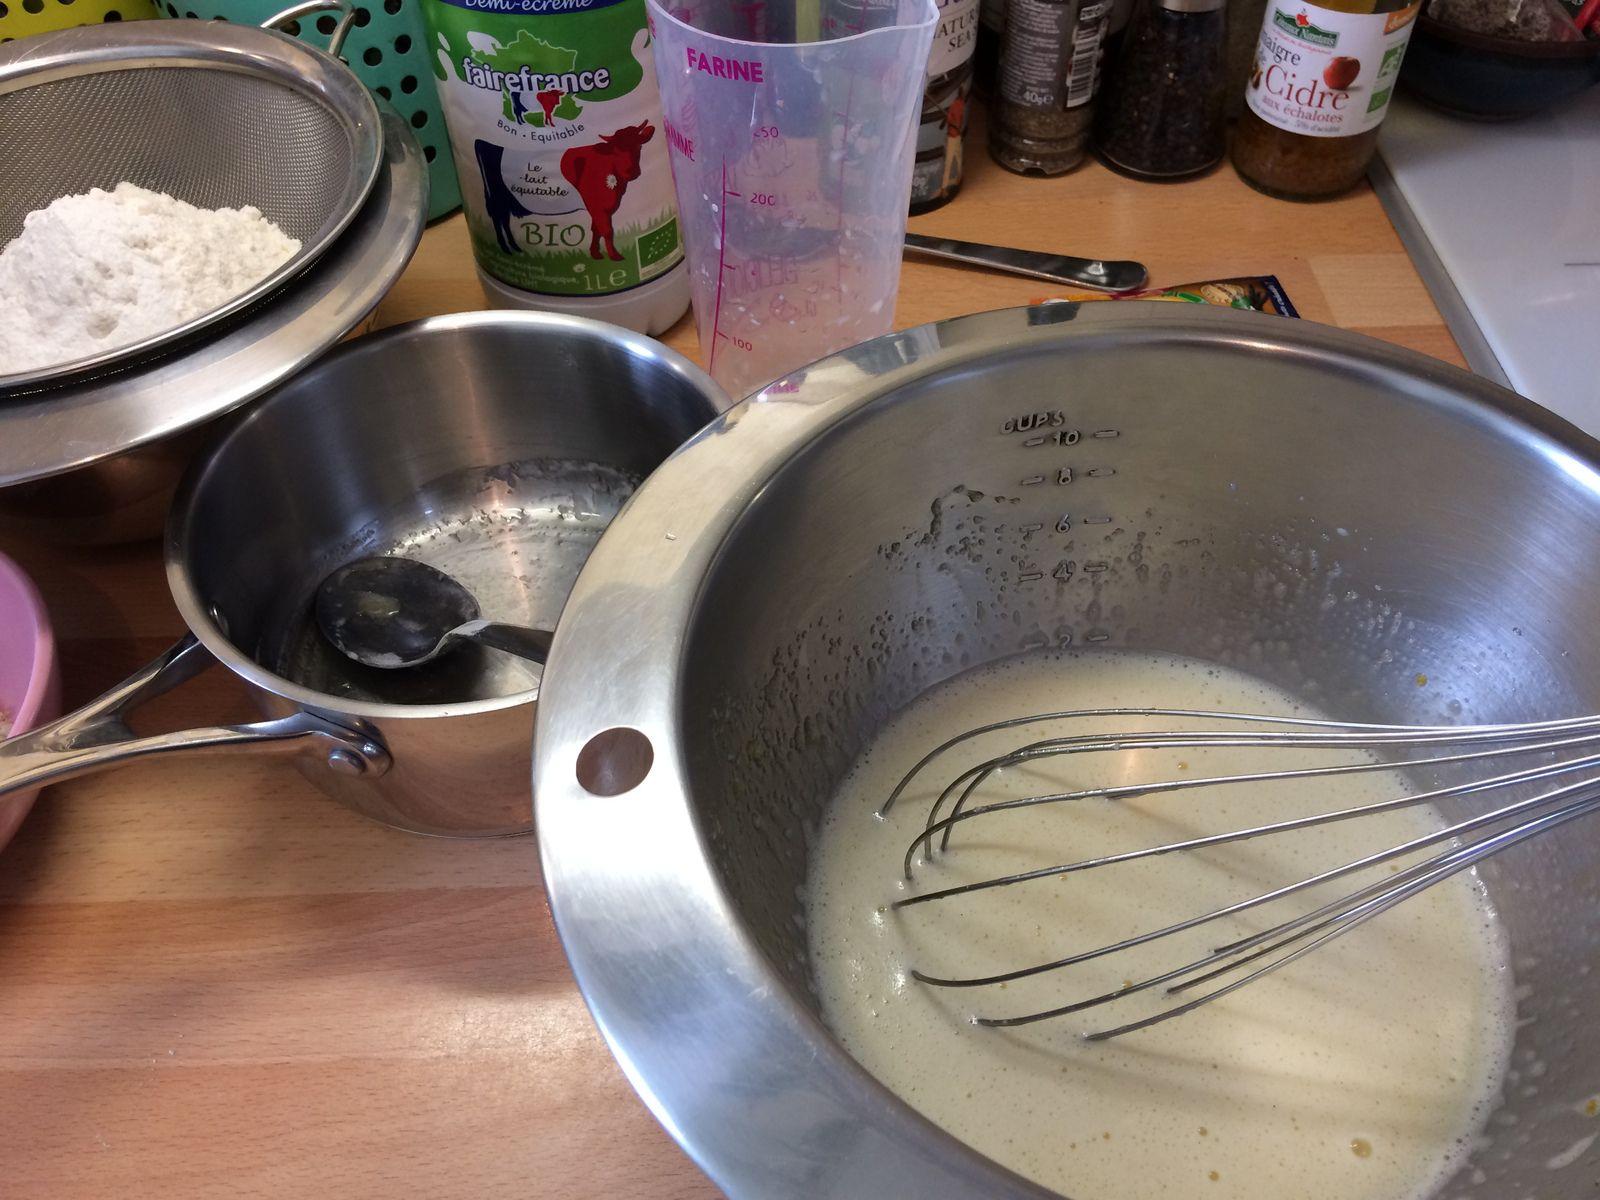 On ajoute ensuite le beurre fondu et le lait, et on mélange avec le fouet. La pâte à muffins, sans être une pâte à crêpes, doit selon moi rester suffisamment fluide pour être travaillée au fouet jusqu'à la fin. C'est ce qui va donner des muffins moelleux à la mie très aérée.